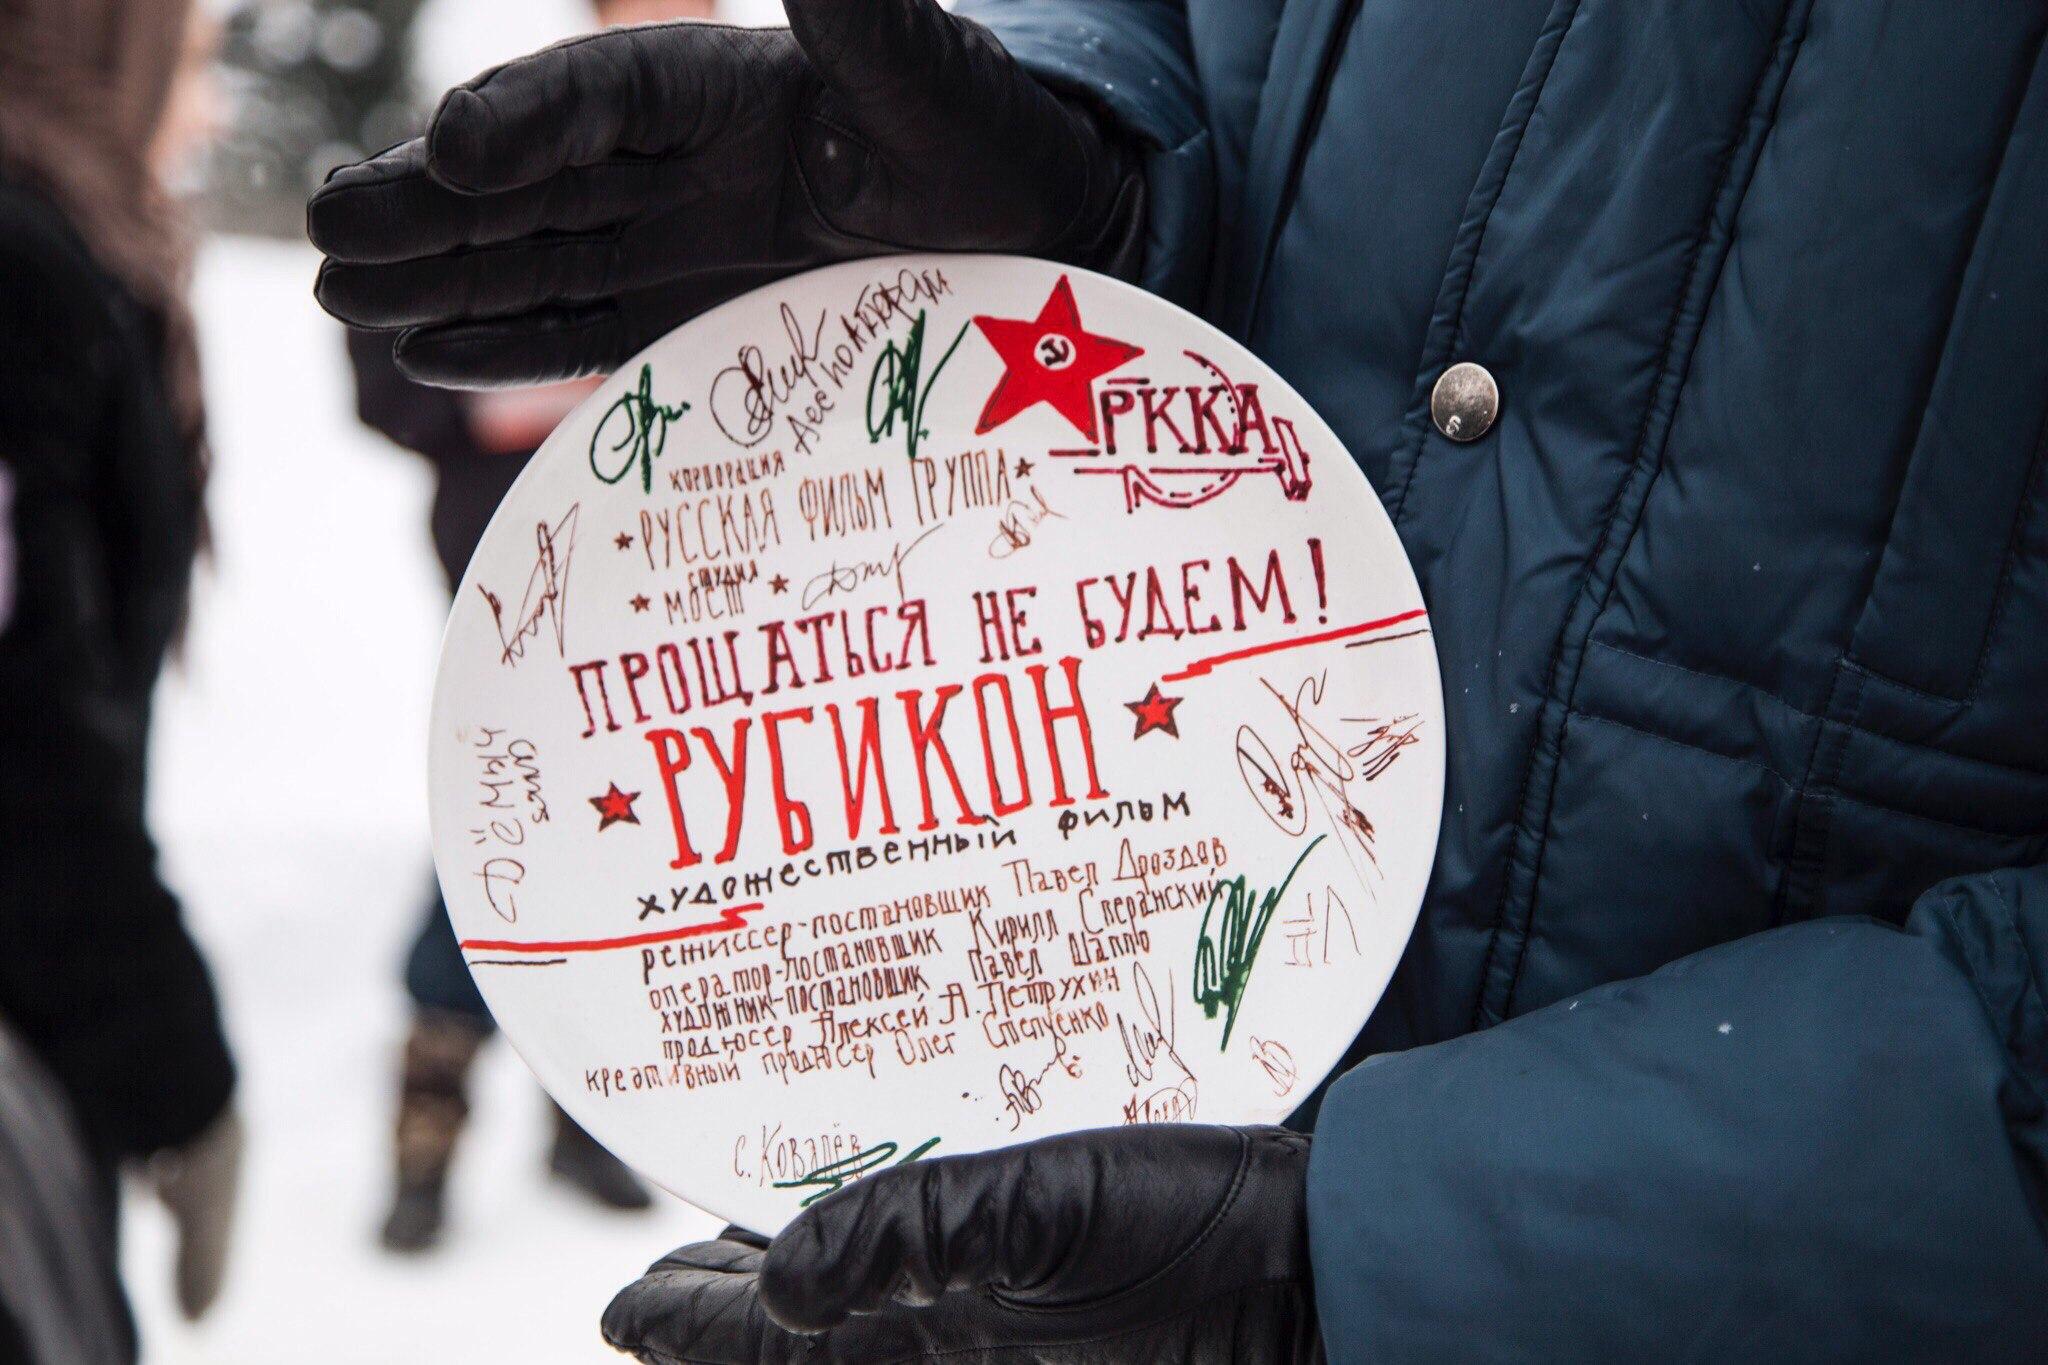 Спецпоказ фильма обоккупации Калинина «Прощаться небудем» покажут вТвери